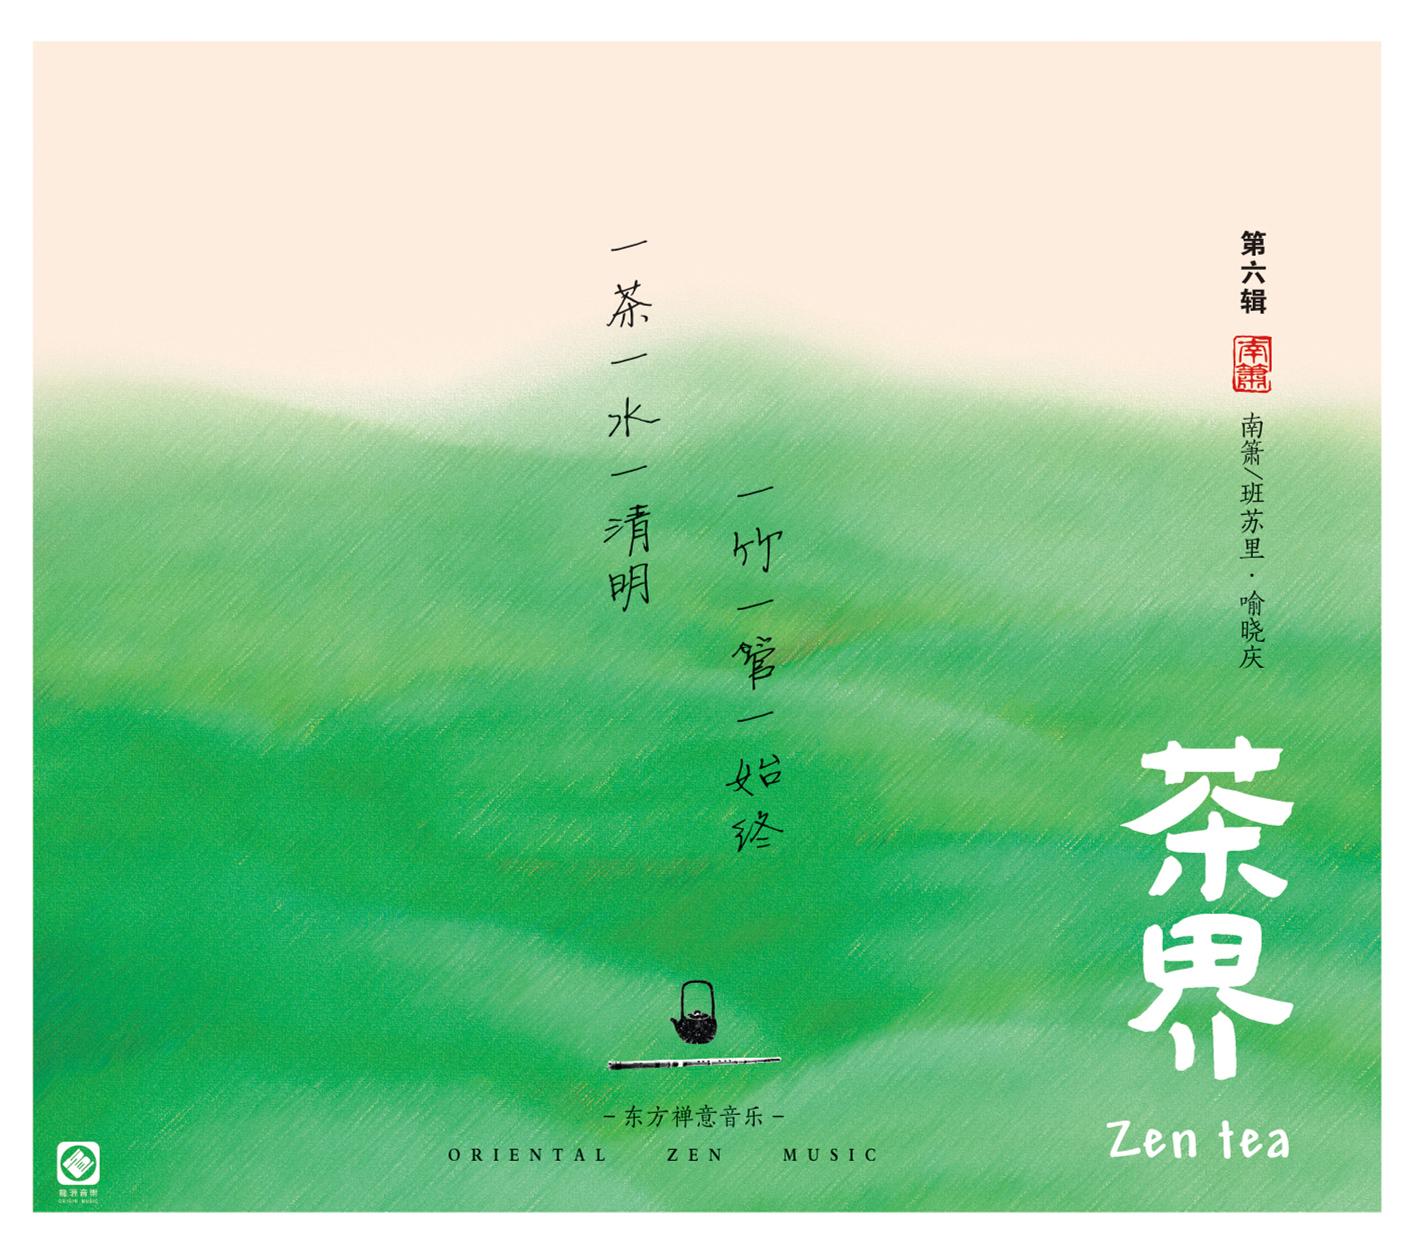 《茶界6》茶界六 喻晓庆·南箫/班苏里 茶界系列